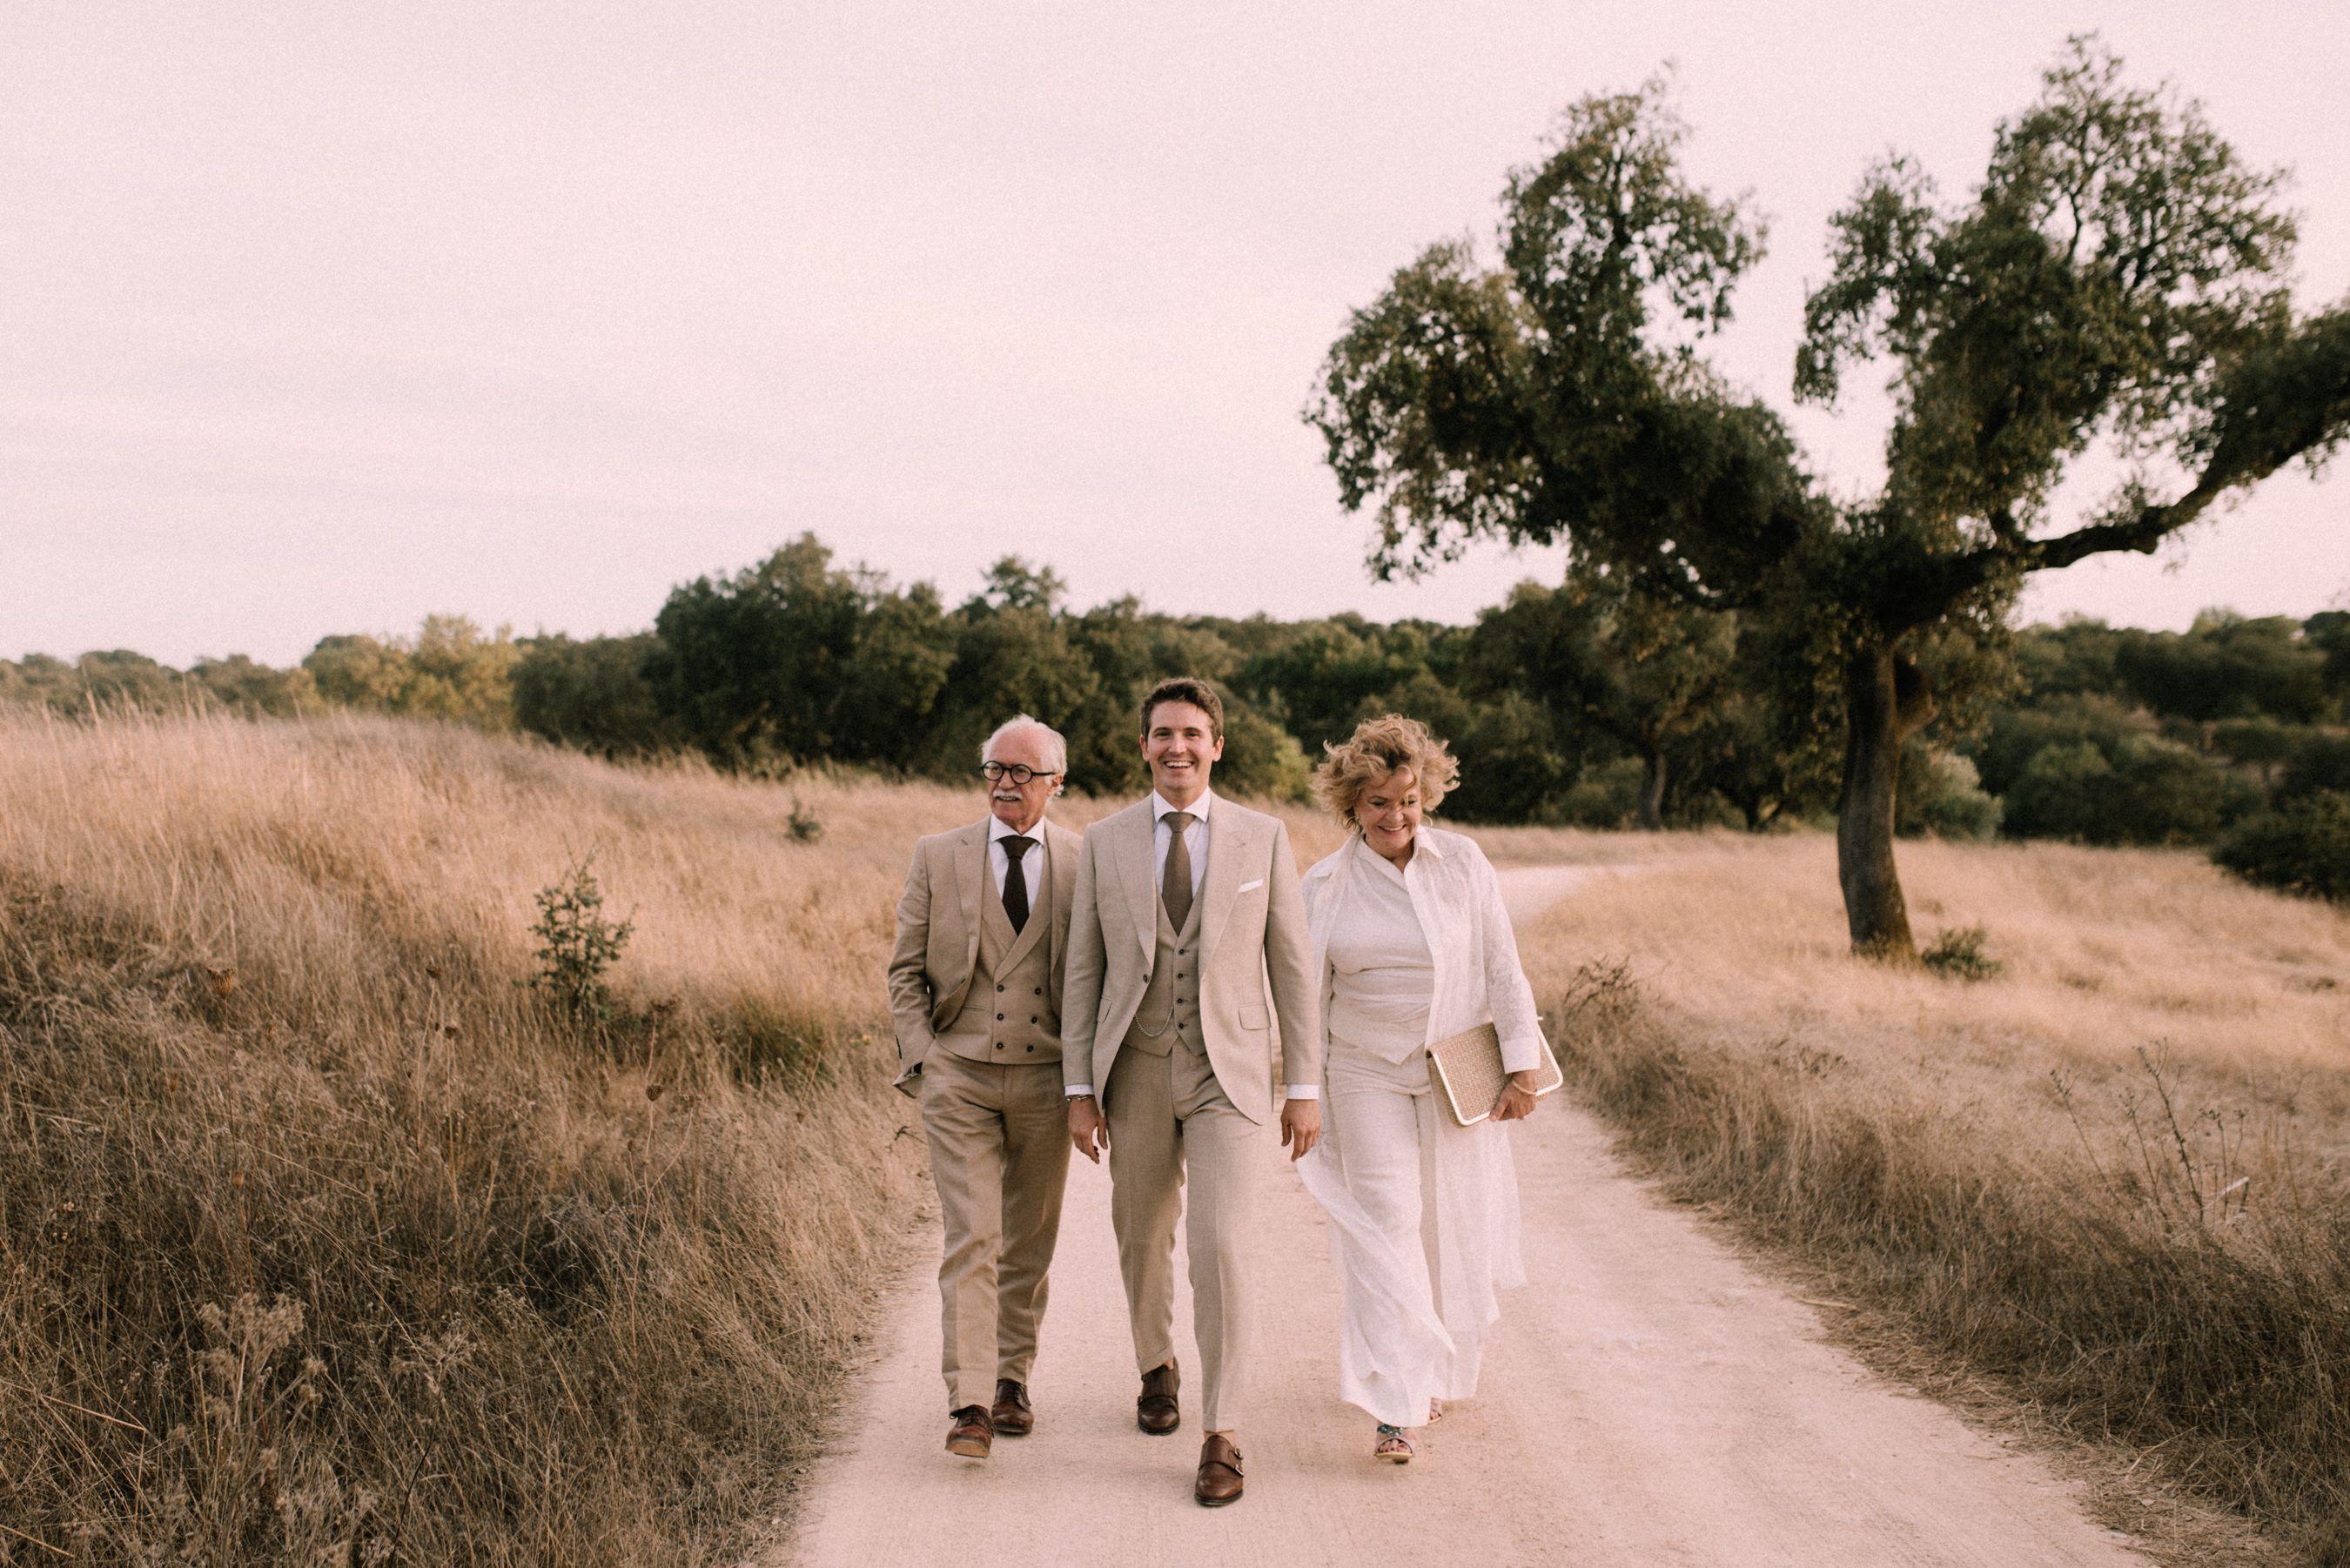 La boda de Lili de Weddings With Love